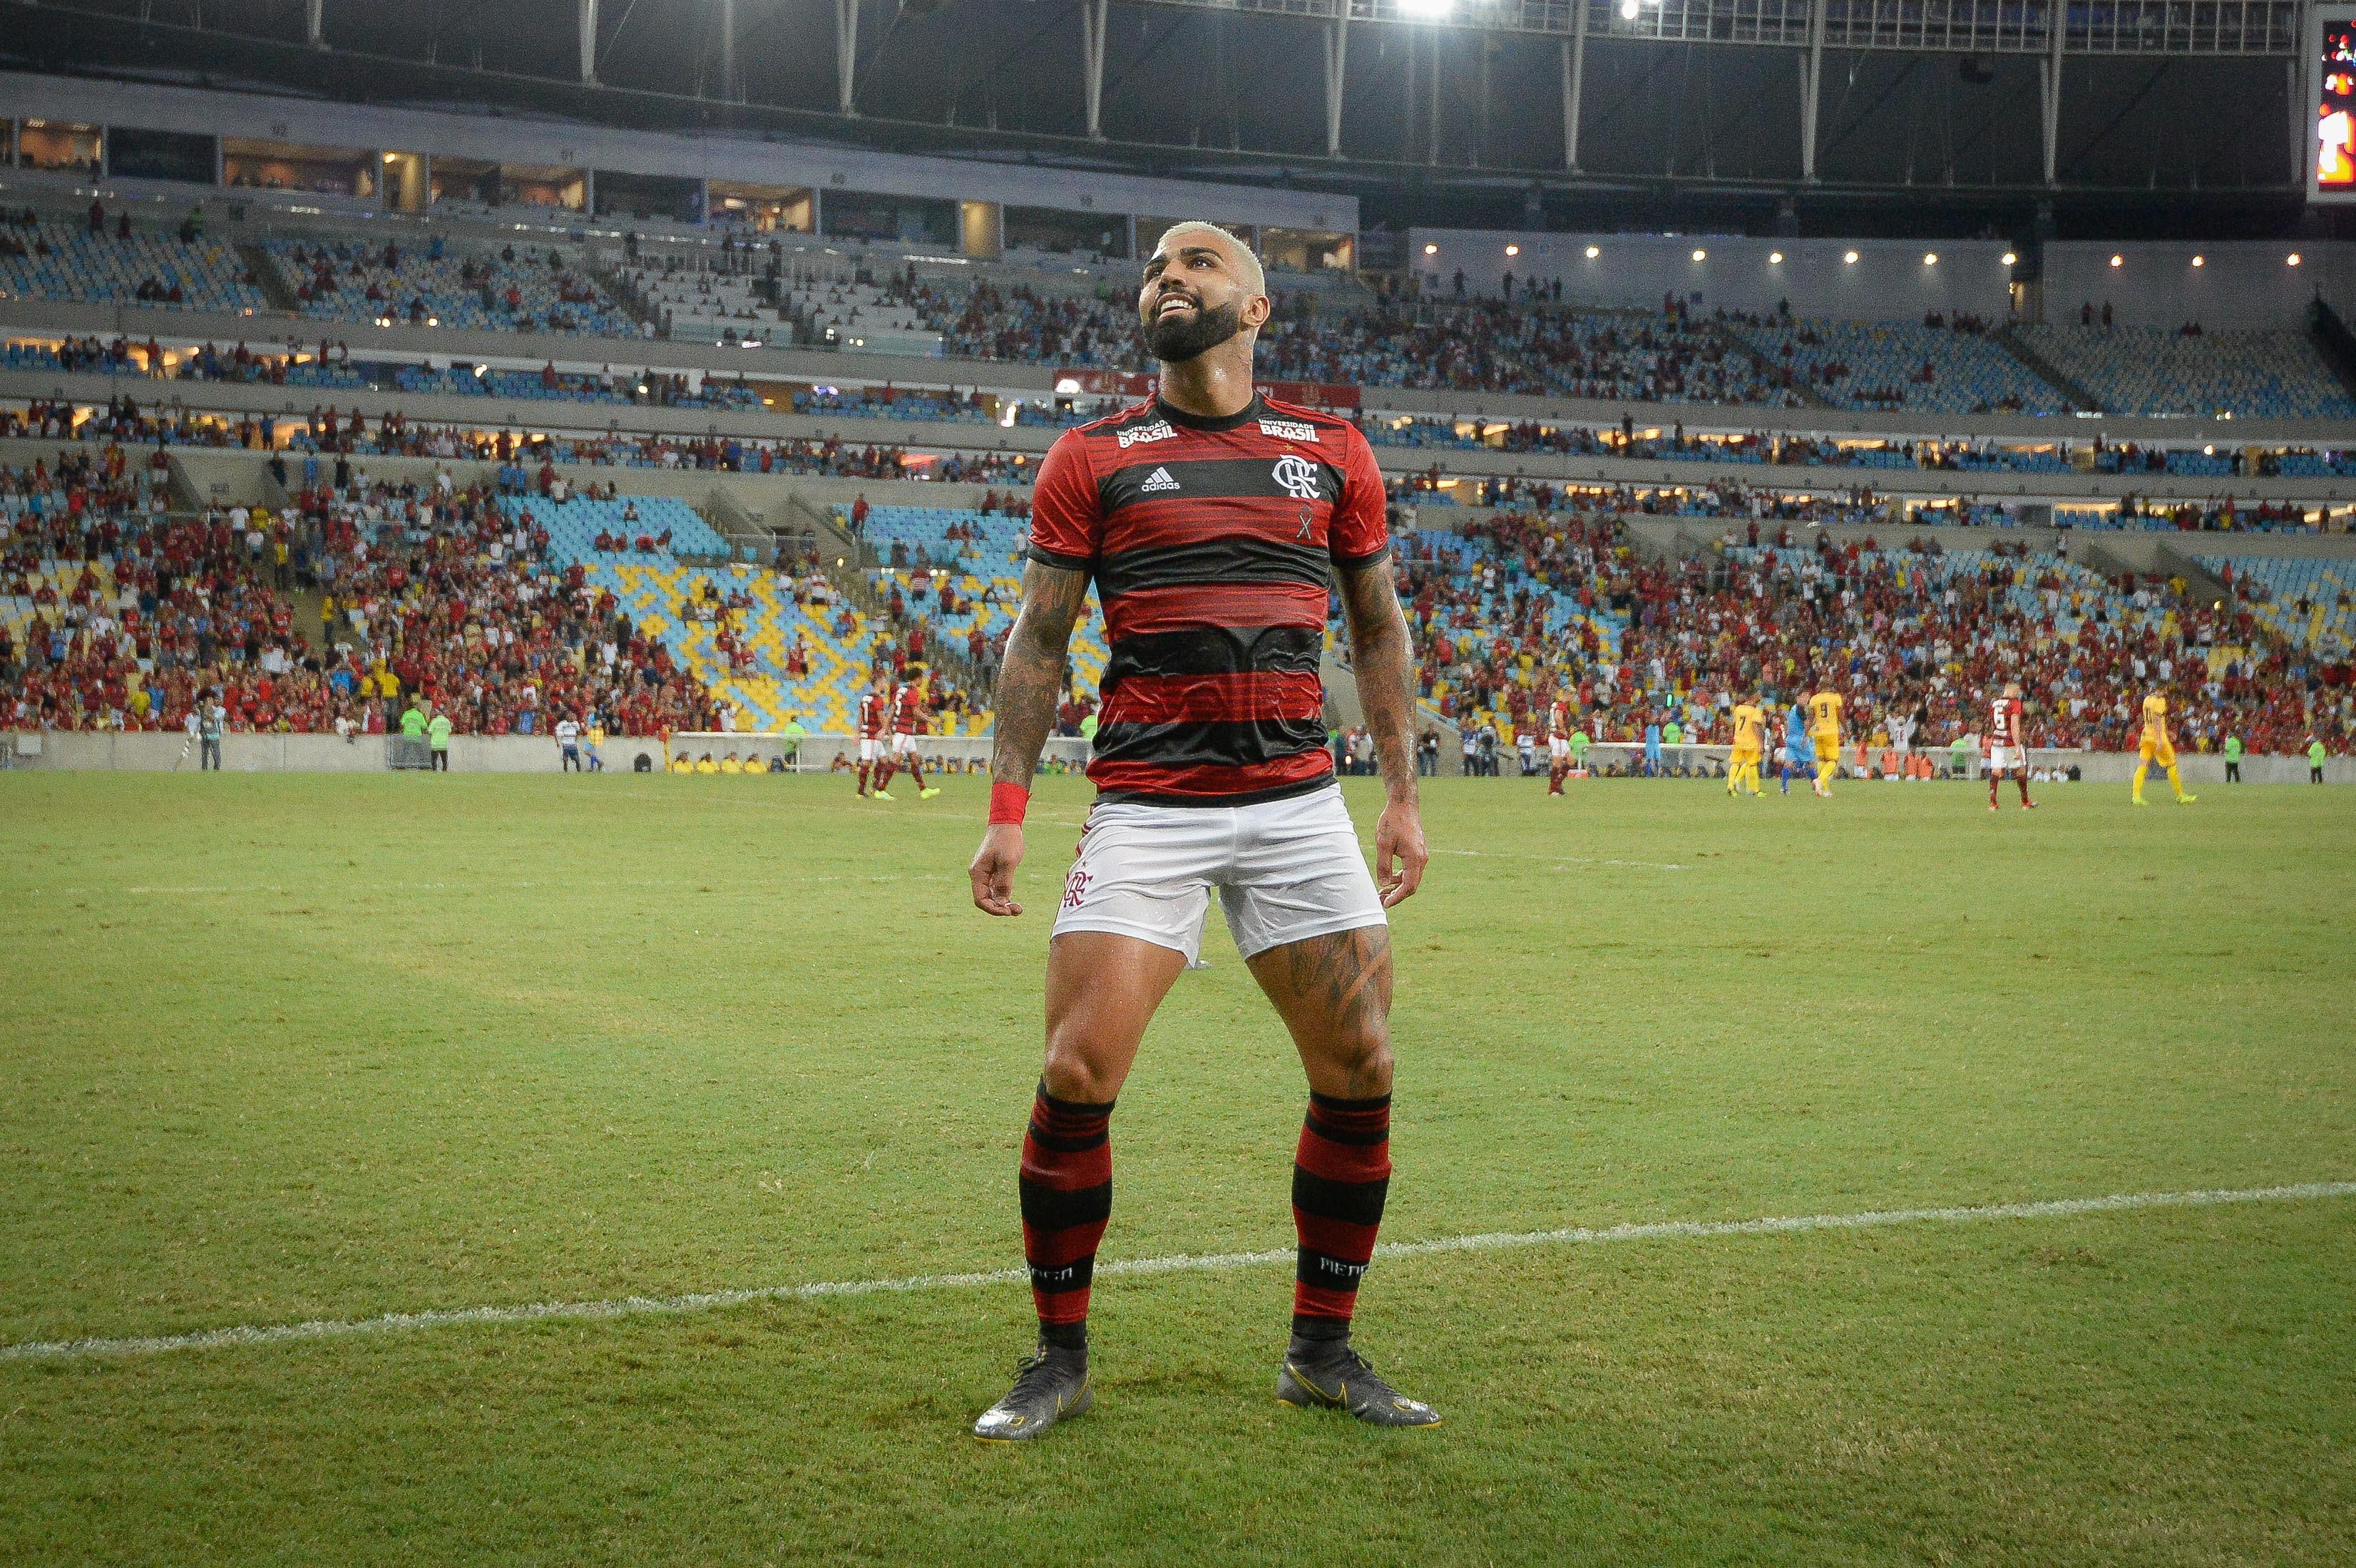 Decisivo no Maracanã, Gabriel exalta forma ofensiva de jogar do Fla